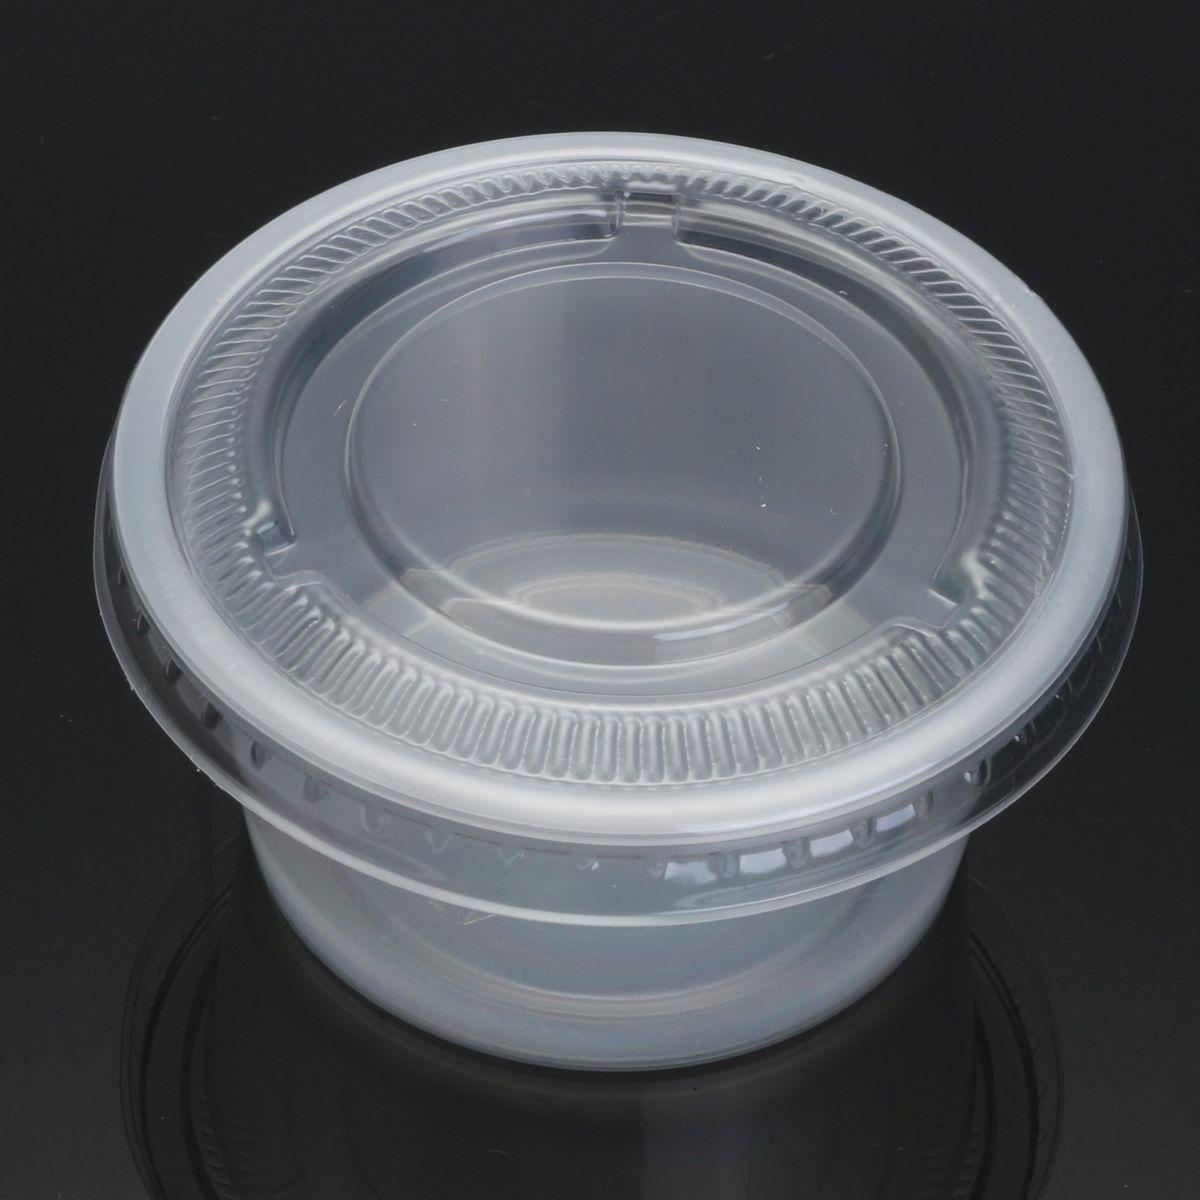 100Pcs 150mL Platos Desechables Plásticas Sopa Salsa Alimentos Copas Sacar  Contenedor con Tapa 7ba5ab1abb07